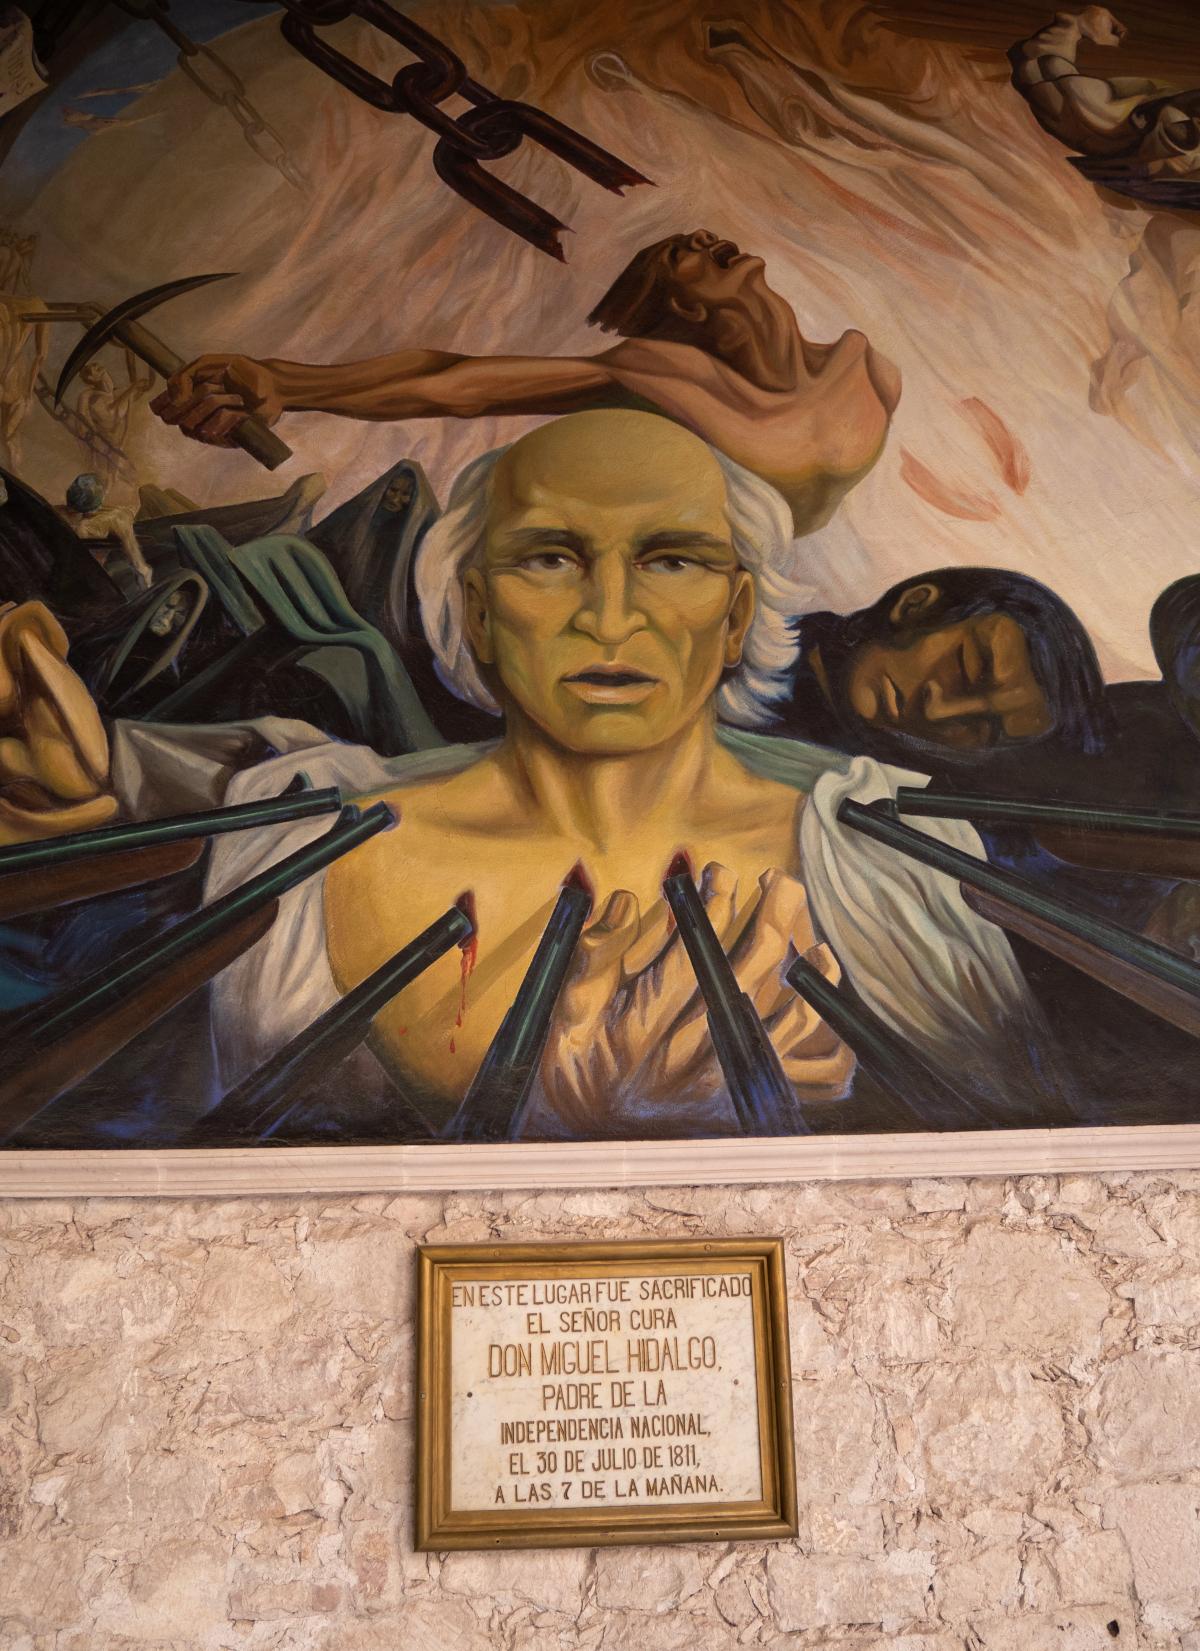 Mural of Miguel Hidalgo's death, in Palacio Gobierno, Chihuahua.